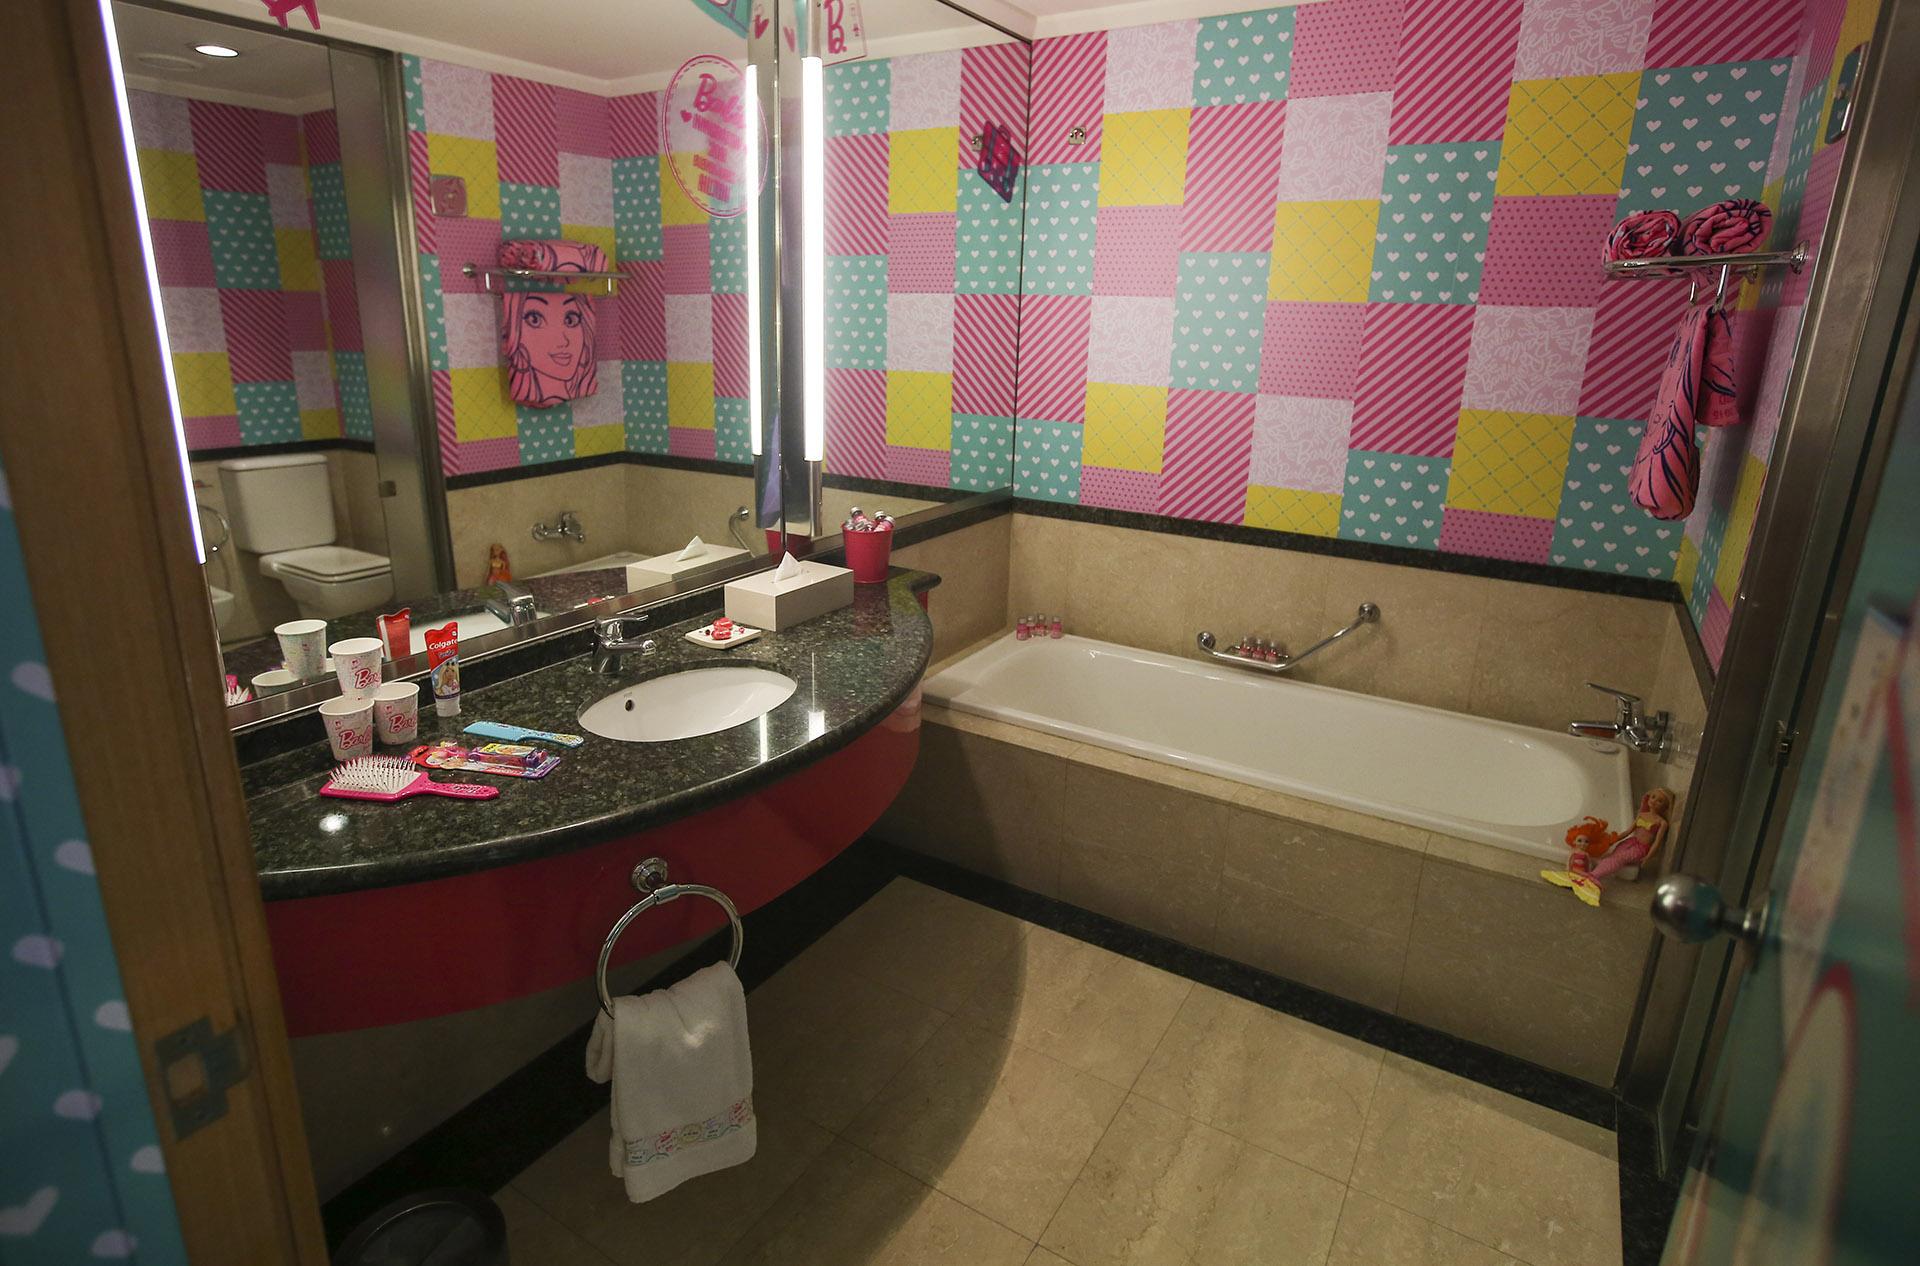 El baño completo con bañadera incluida, toallas y azulejos intervenidos